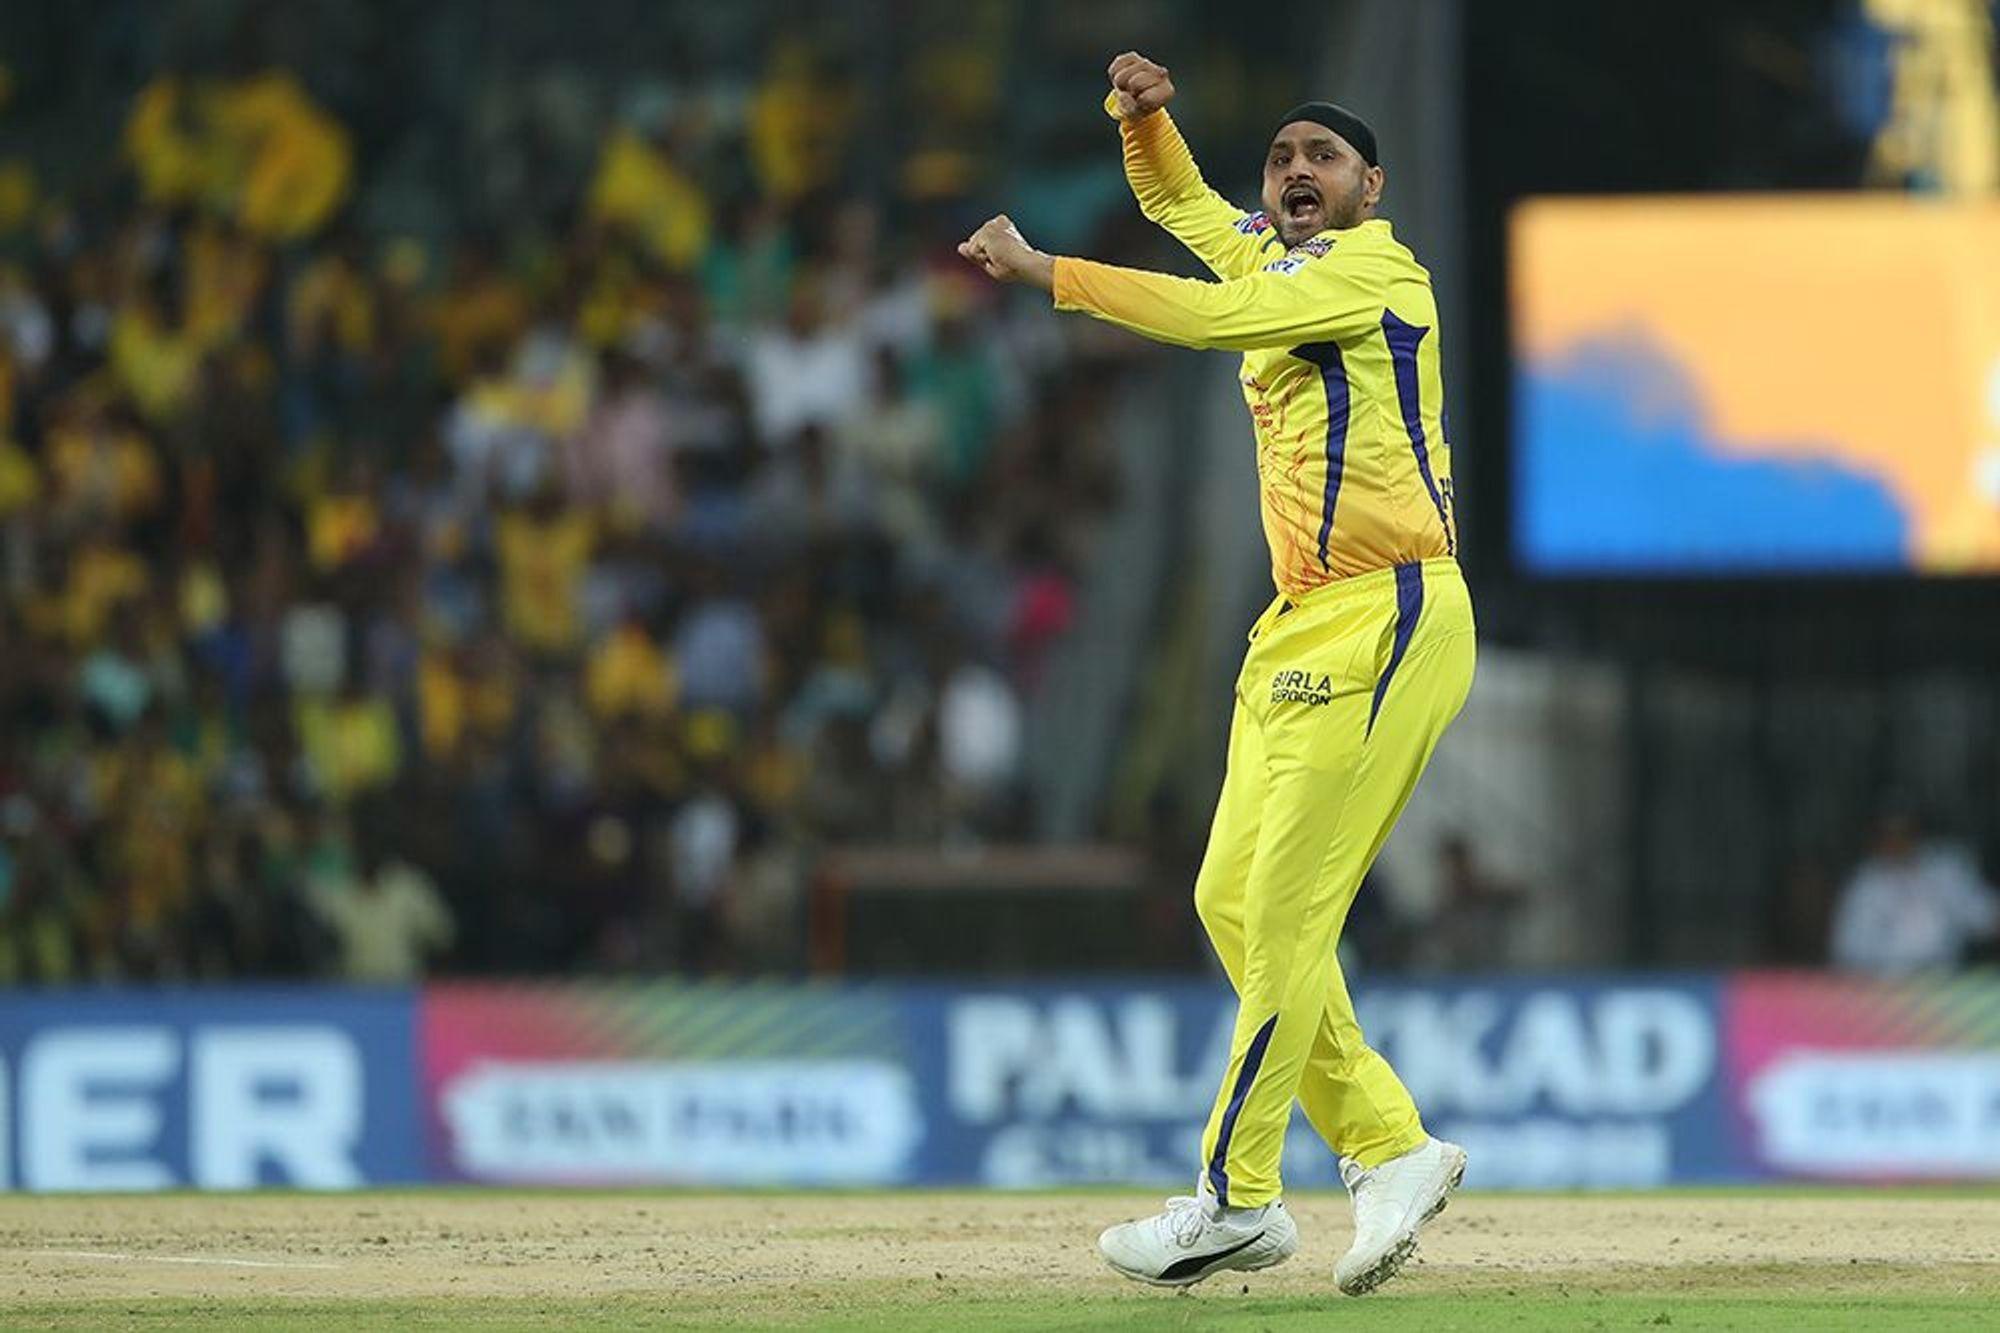 150 kmph की स्पीड से गेंदबाजी करने वाले इस भारतीय खिलाड़ी को विश्वकप टीम में देखना चाहते थे हरभजन सिंह